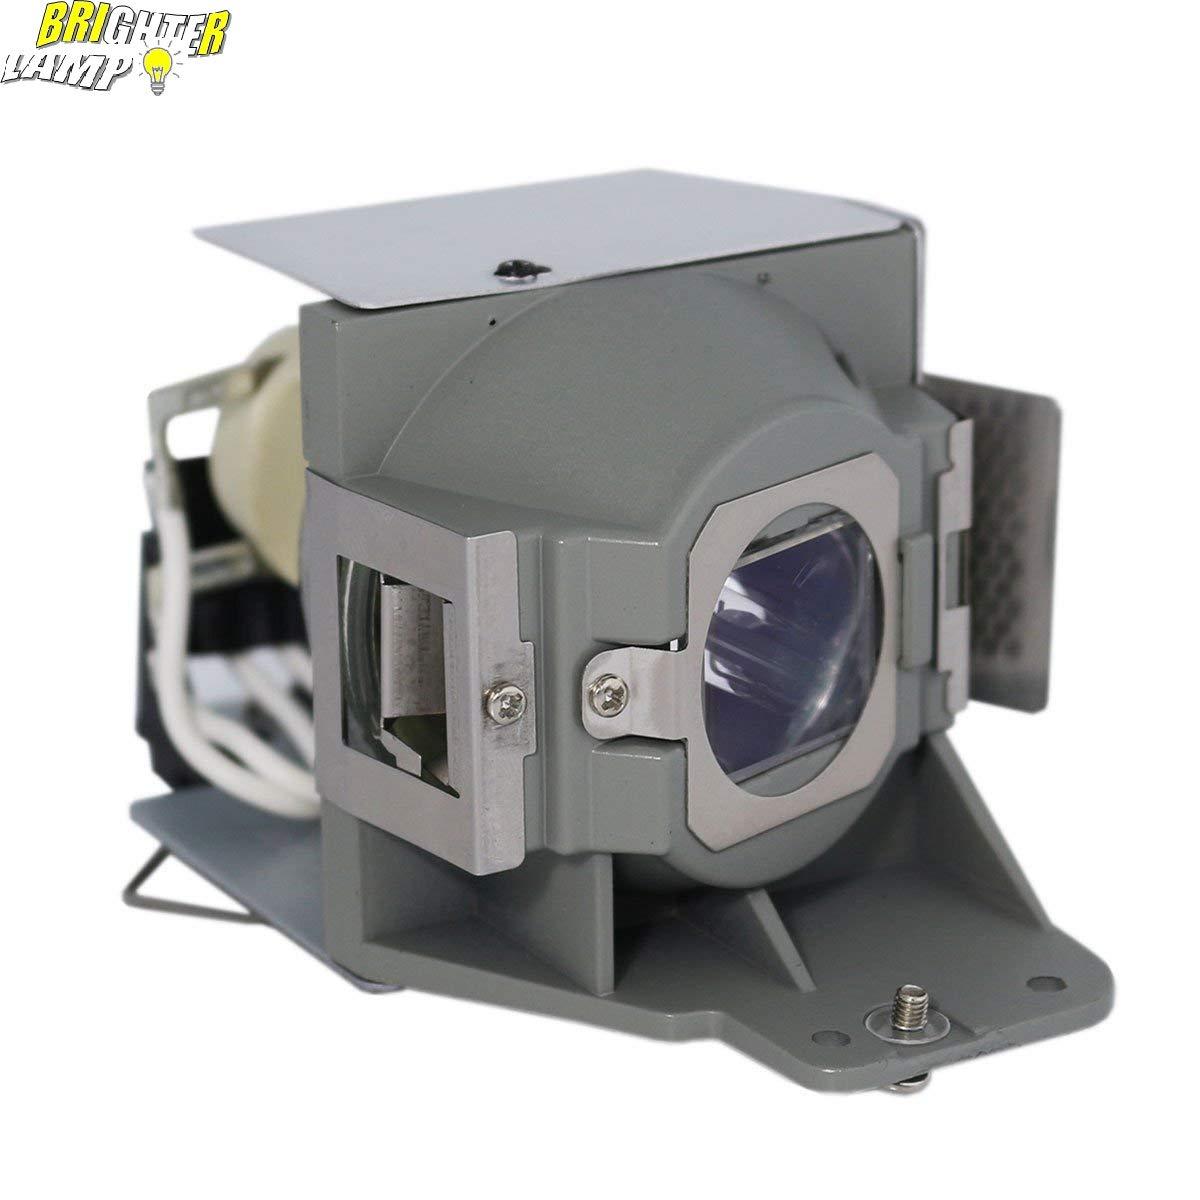 Brighter Lamp 5J.JCL05.001 プロジェクターランプ 【ハウジング付き/高輝度/長寿命】forベンキューBenq TH682ST 交換用 B0785DD4CM